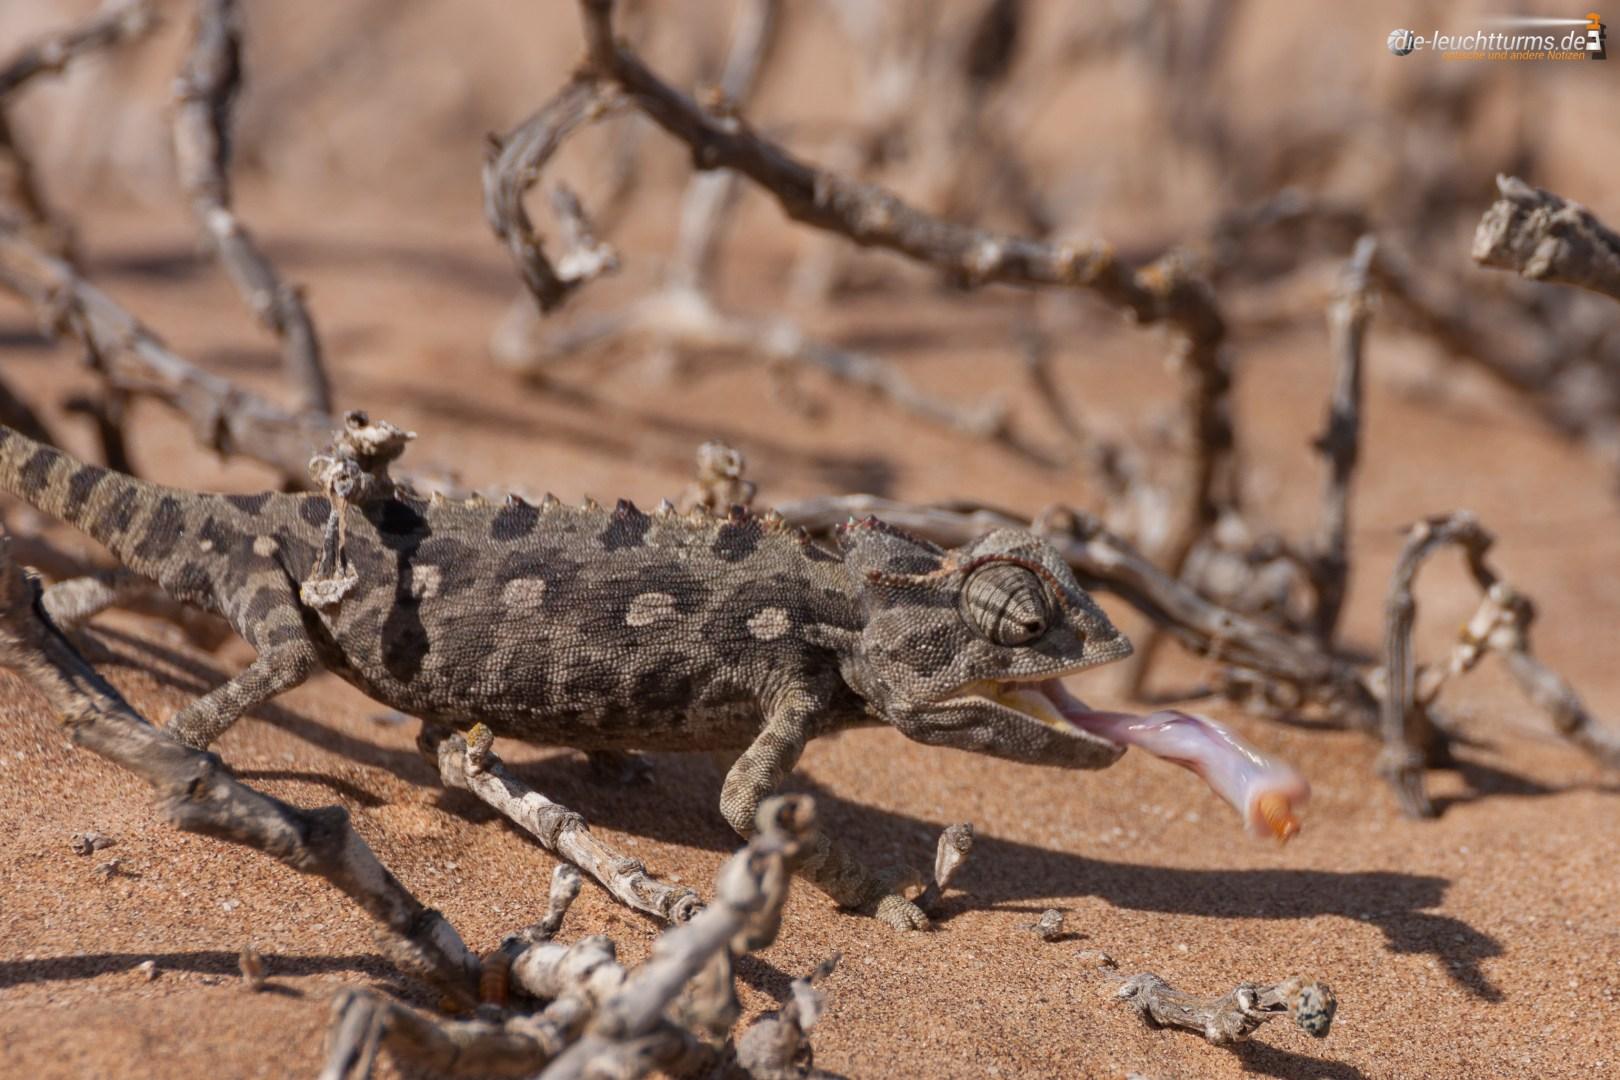 Namaqua chameleon (Chamaeleo namaquensis)